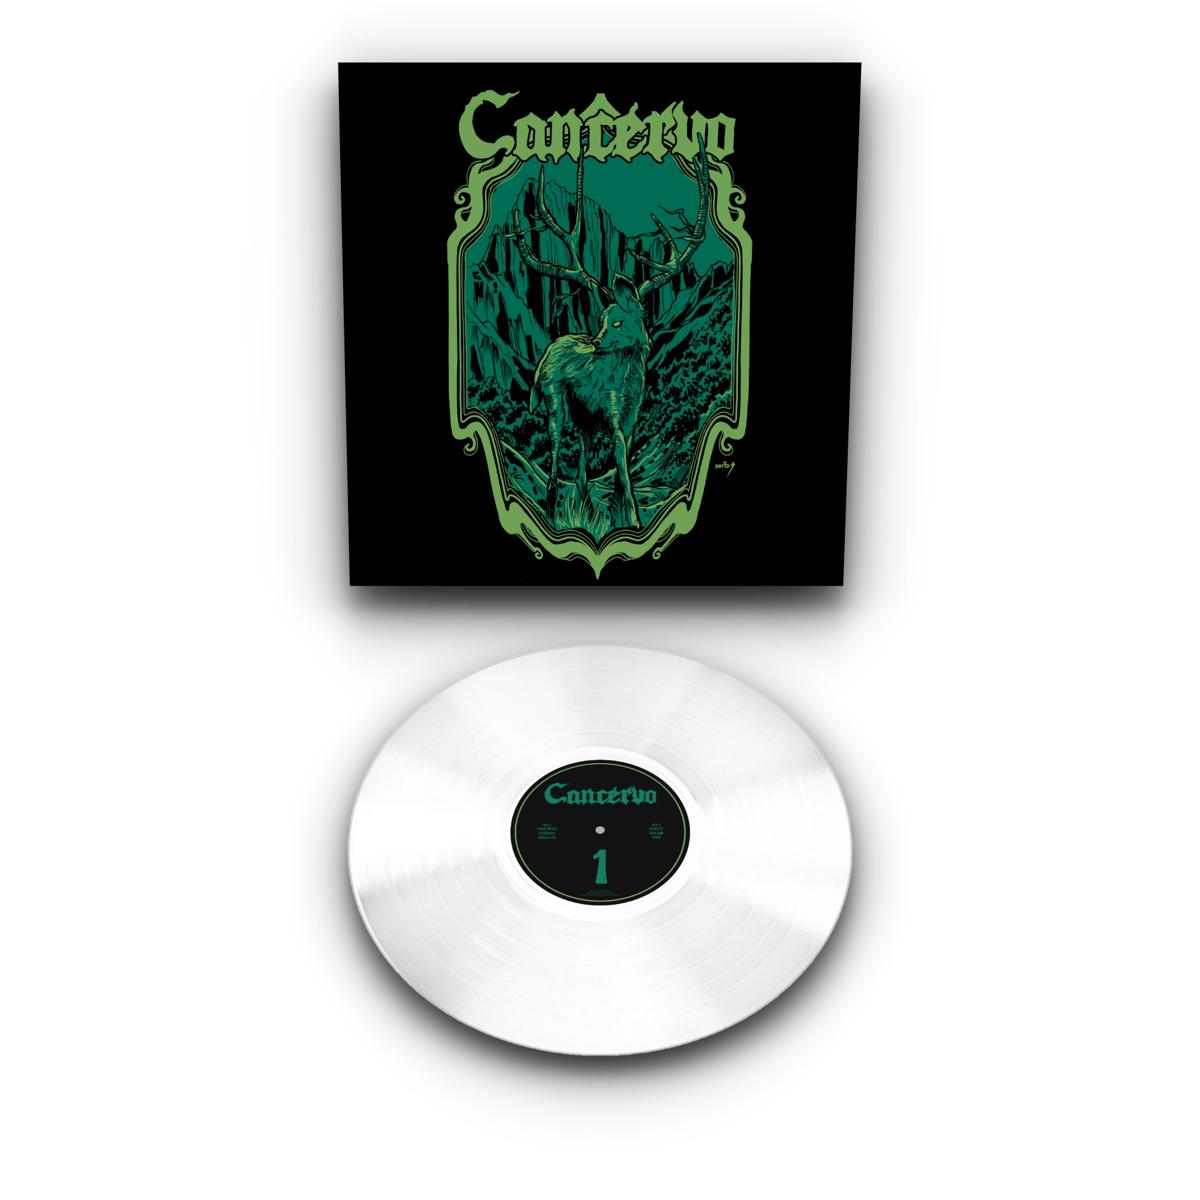 Image of Cancervo - 1  LTD Transparent Vinyl